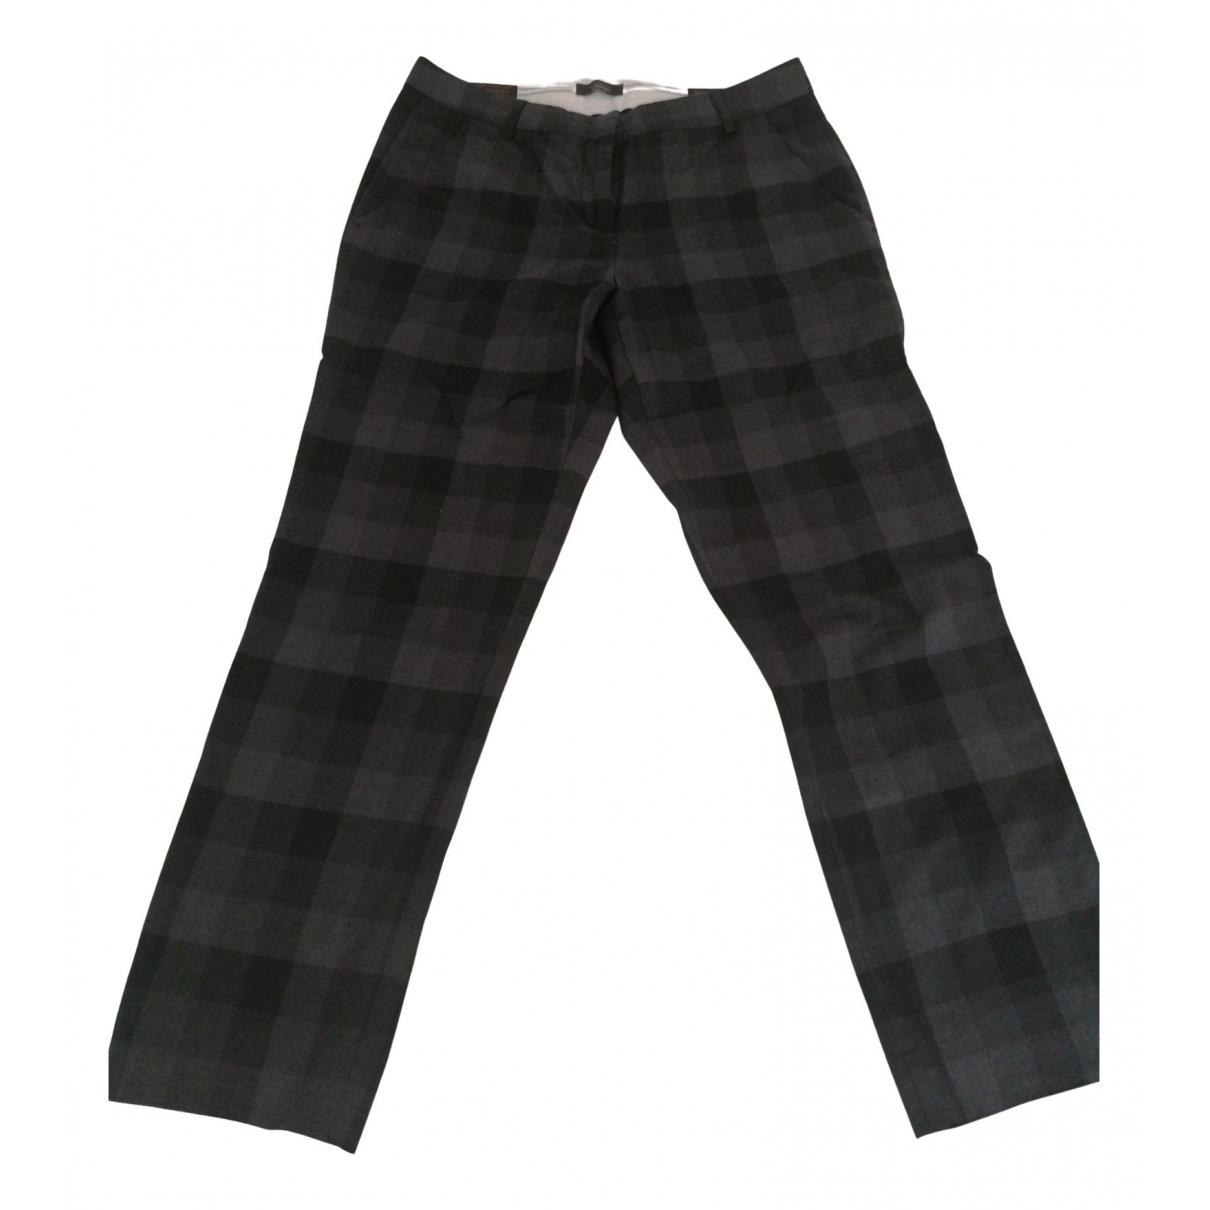 Pantalon pitillo de Lana Peserico